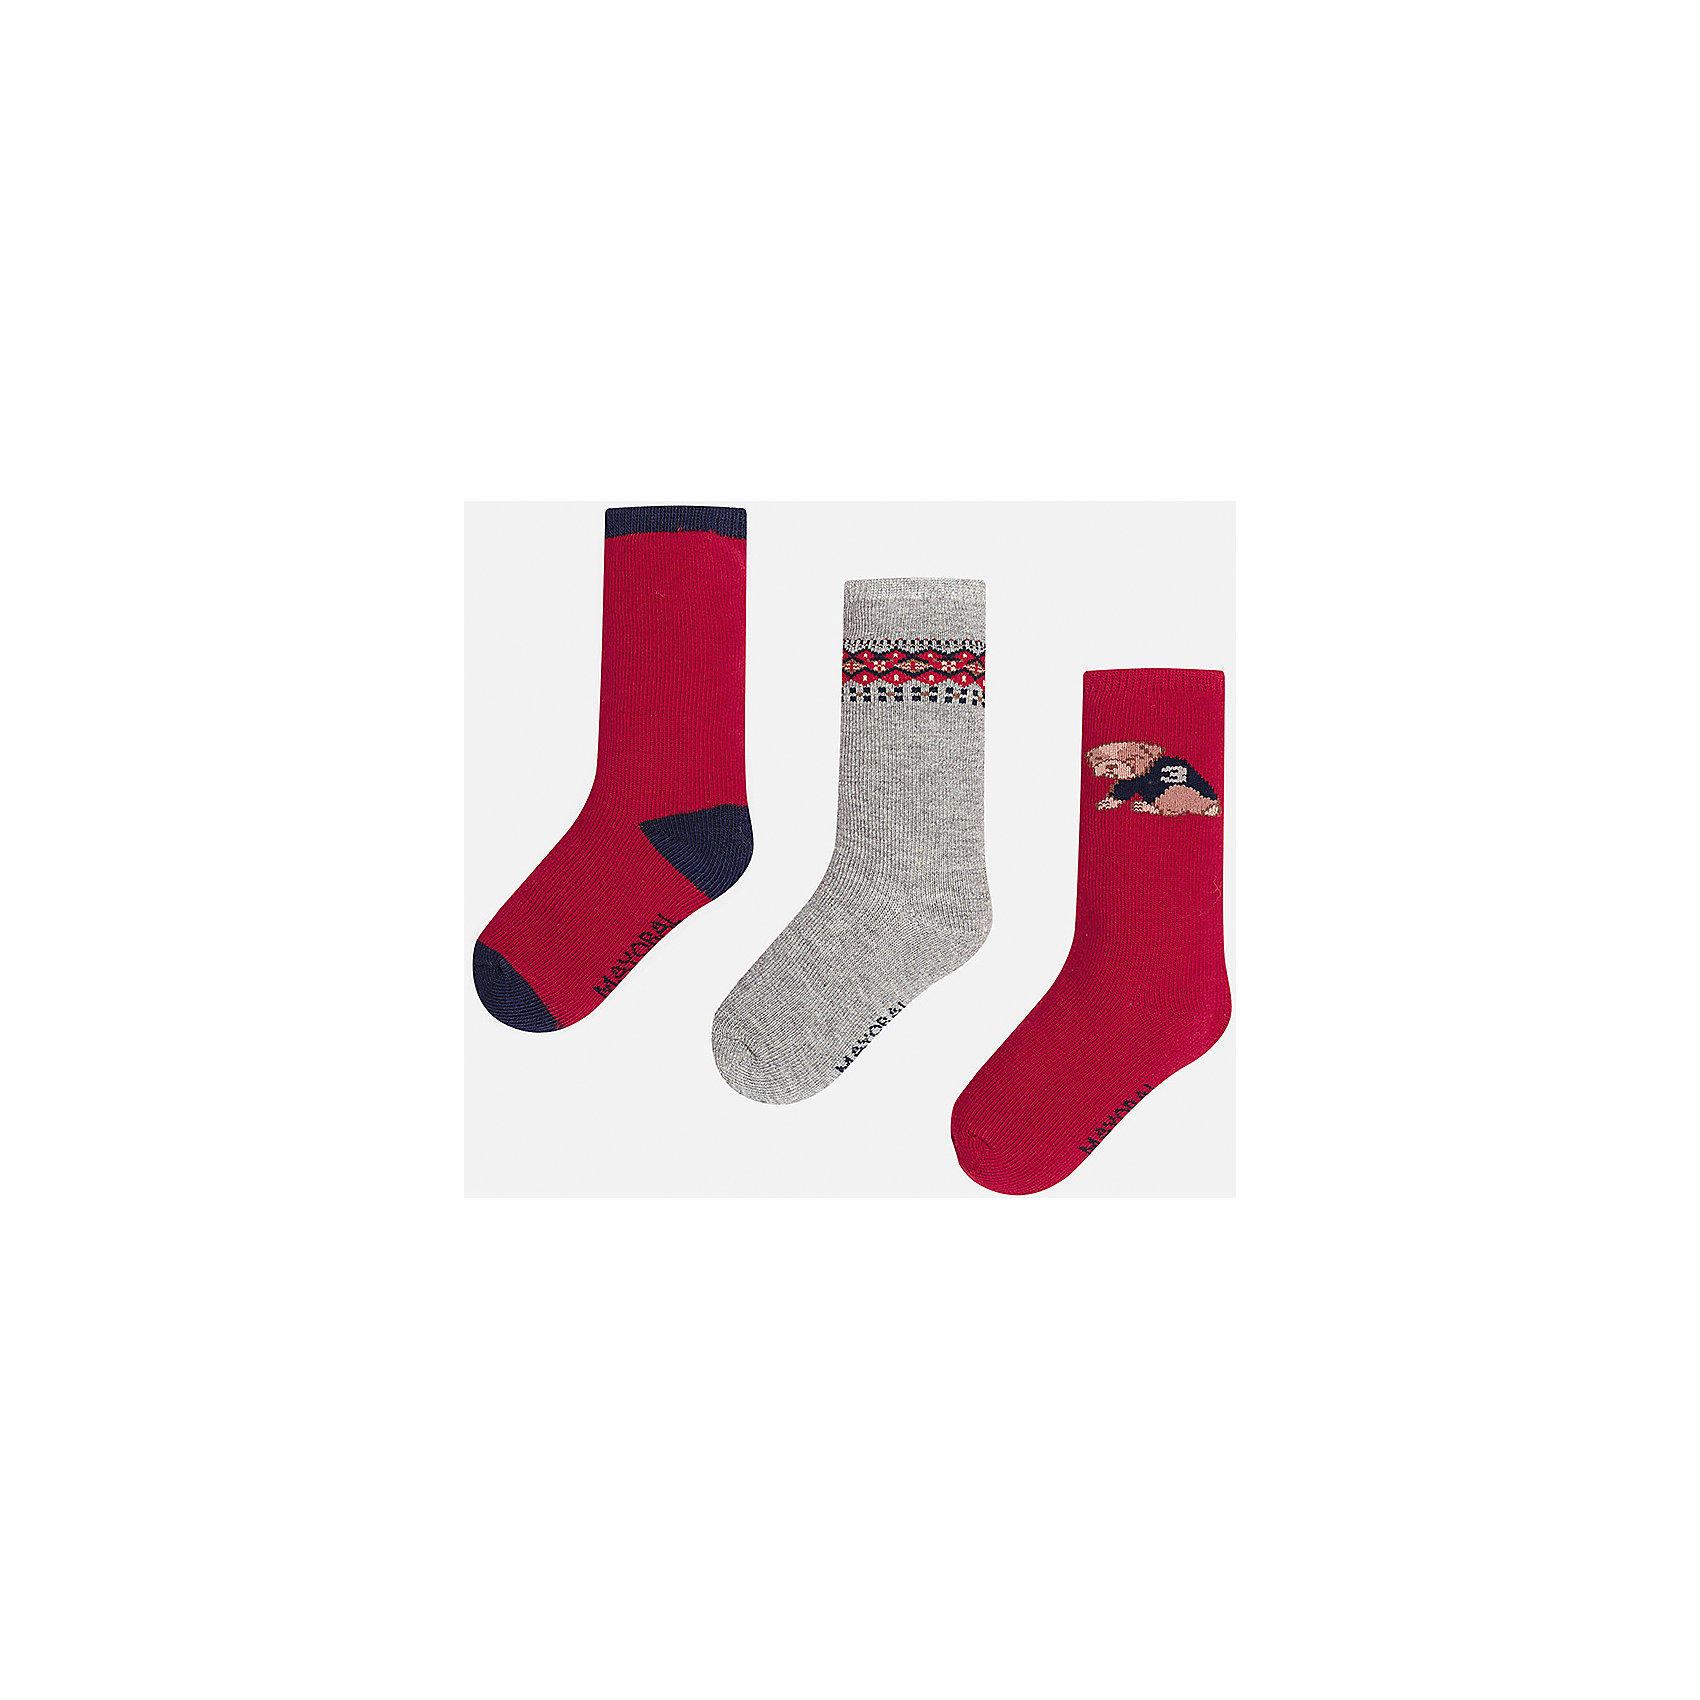 Комплект:3 пары носков для мальчика MayoralНосочки и колготки<br>Набор из 3 пар носков для мальчиков от известного испанского бренда Mayoral. В комплекте носки разной расцветки: красный с темно-синими пяткой, носком и резинкой, серый с красно-синим узором сверху, красный с рисунком собачка. Носки сделаны из специальных дышащих материалов, чтобы ноги ребенка не потели.<br>Дополнительная информация:<br>-разная расцветка<br>-состав: 77% хлопок, 20% полиамид, 3% эластан<br>Комплект носков Mayoral можно приобрести в нашем интернет-магазине.<br><br>Ширина мм: 87<br>Глубина мм: 10<br>Высота мм: 105<br>Вес г: 115<br>Цвет: бордовый<br>Возраст от месяцев: 9<br>Возраст до месяцев: 12<br>Пол: Мужской<br>Возраст: Детский<br>Размер: 1,2<br>SKU: 4820032